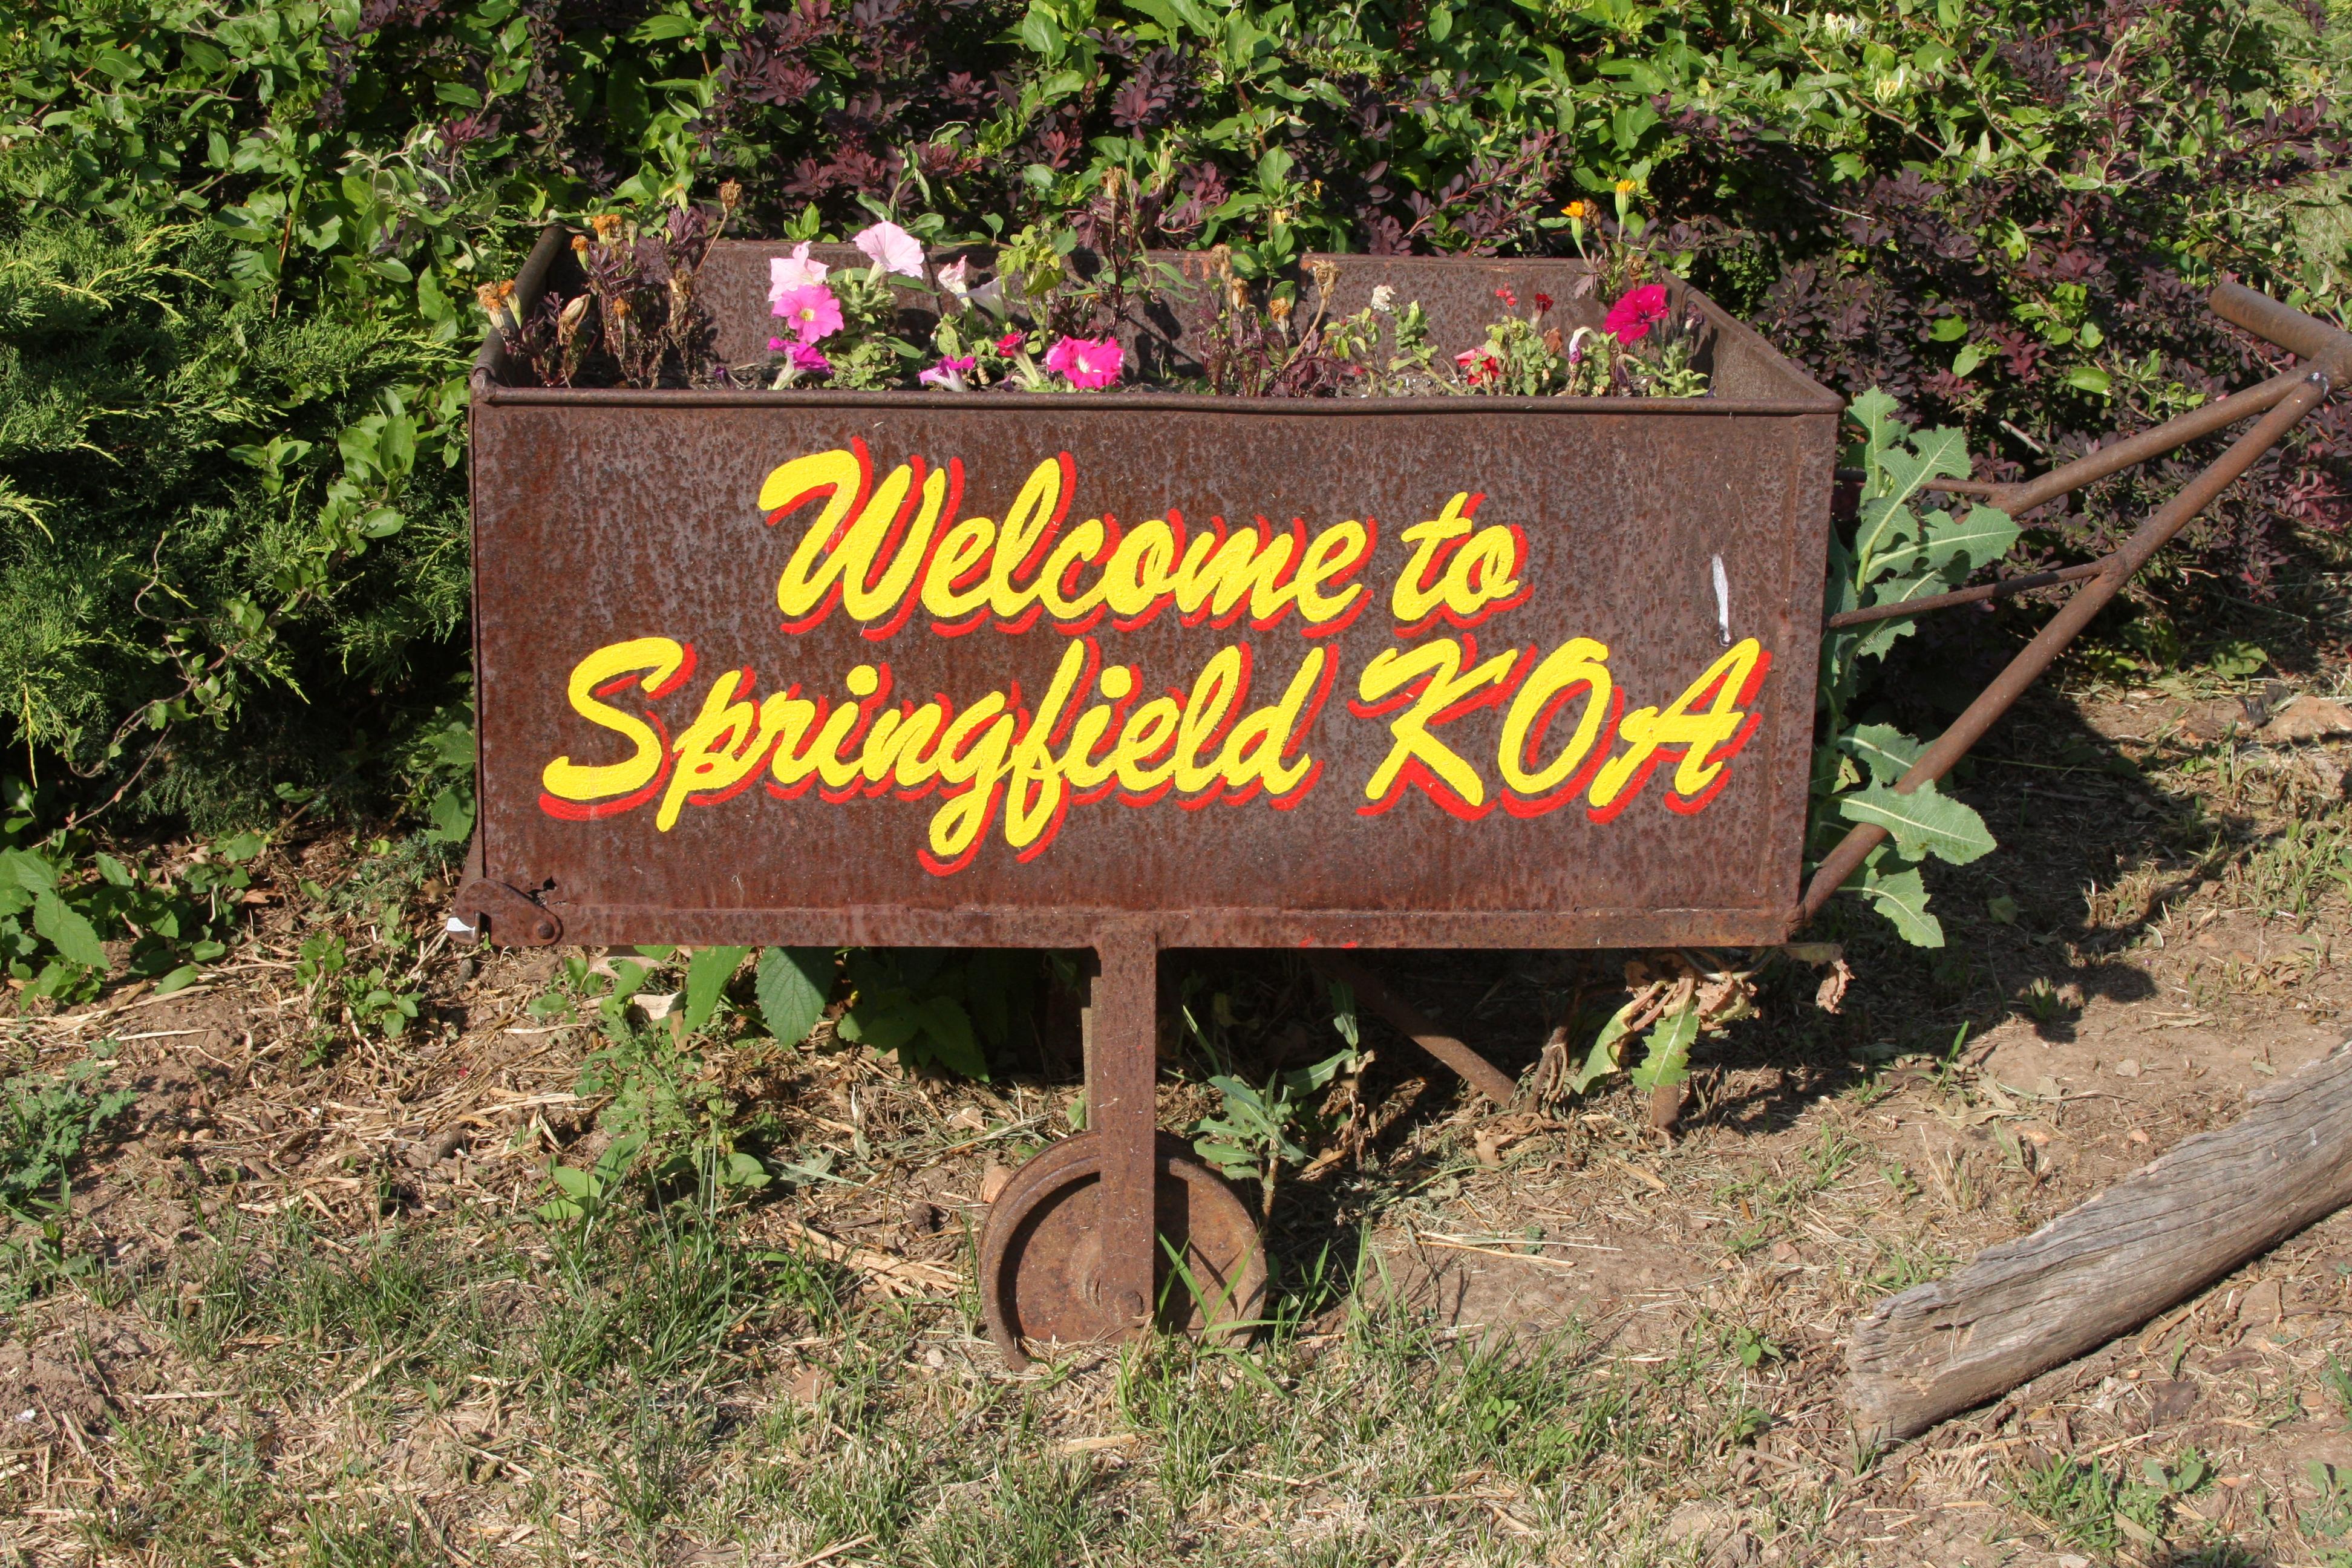 Springfield / Route 66 KOA Holiday image 6